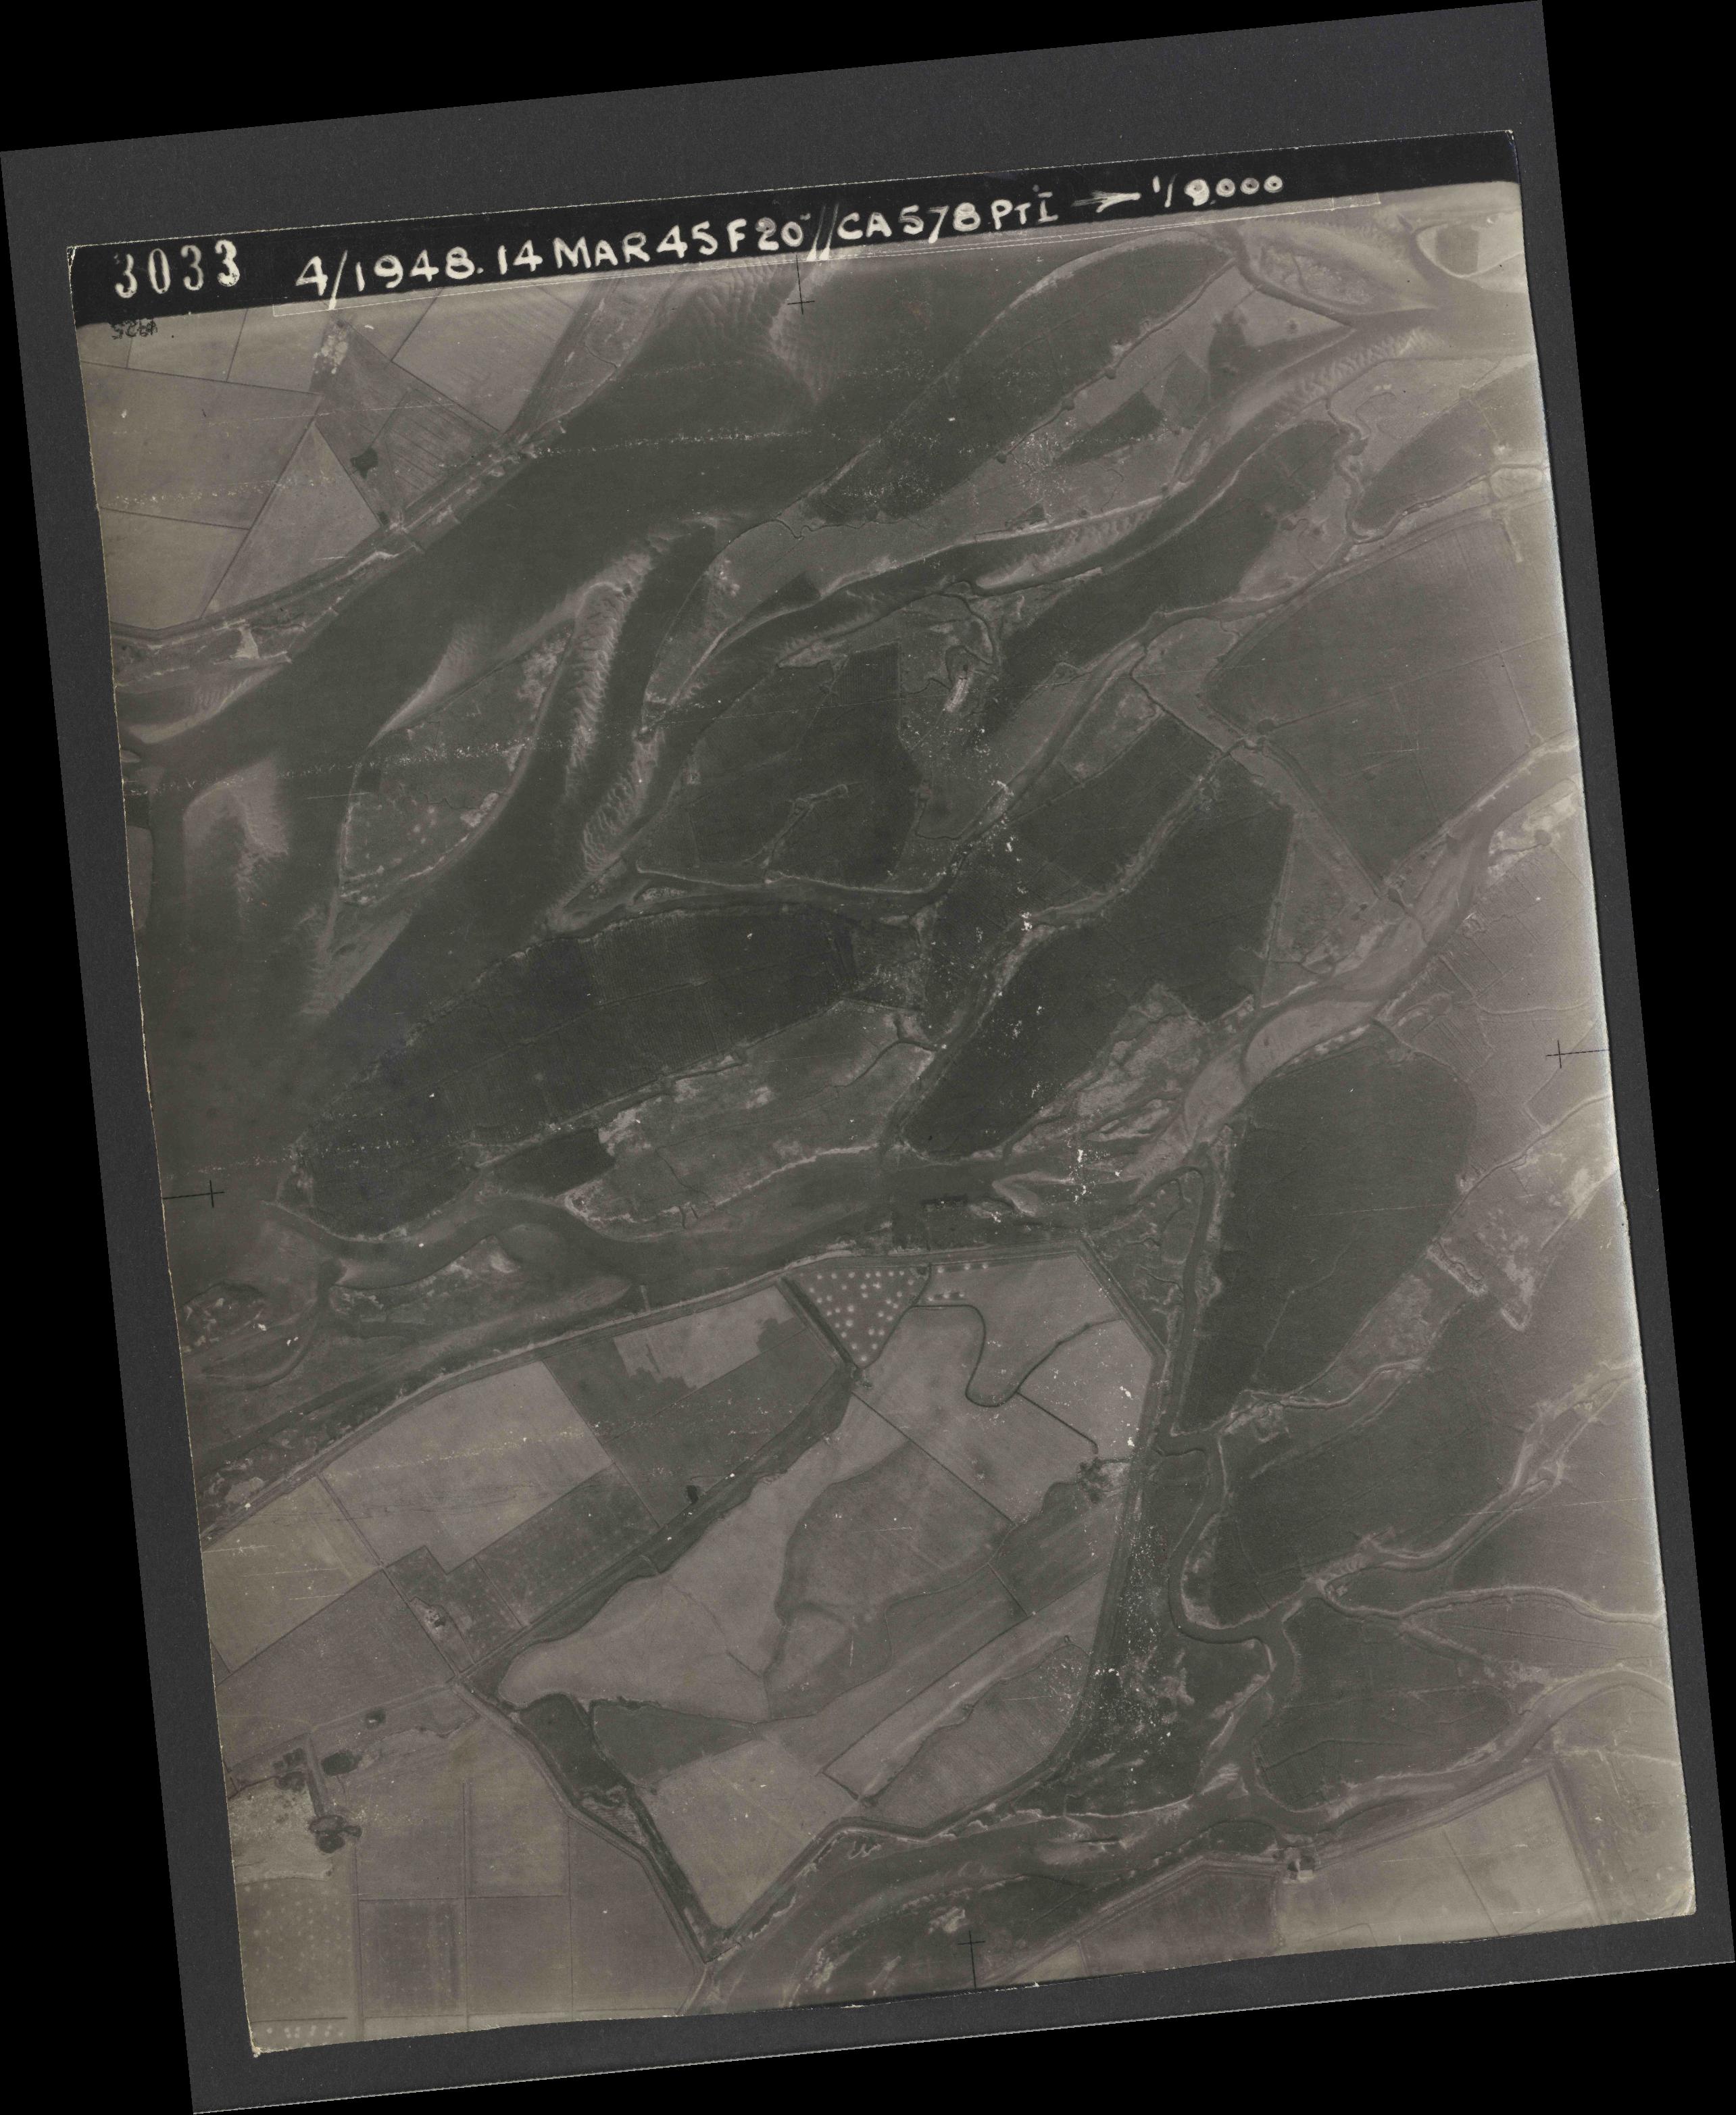 Collection RAF aerial photos 1940-1945 - flight 095, run 03, photo 3033